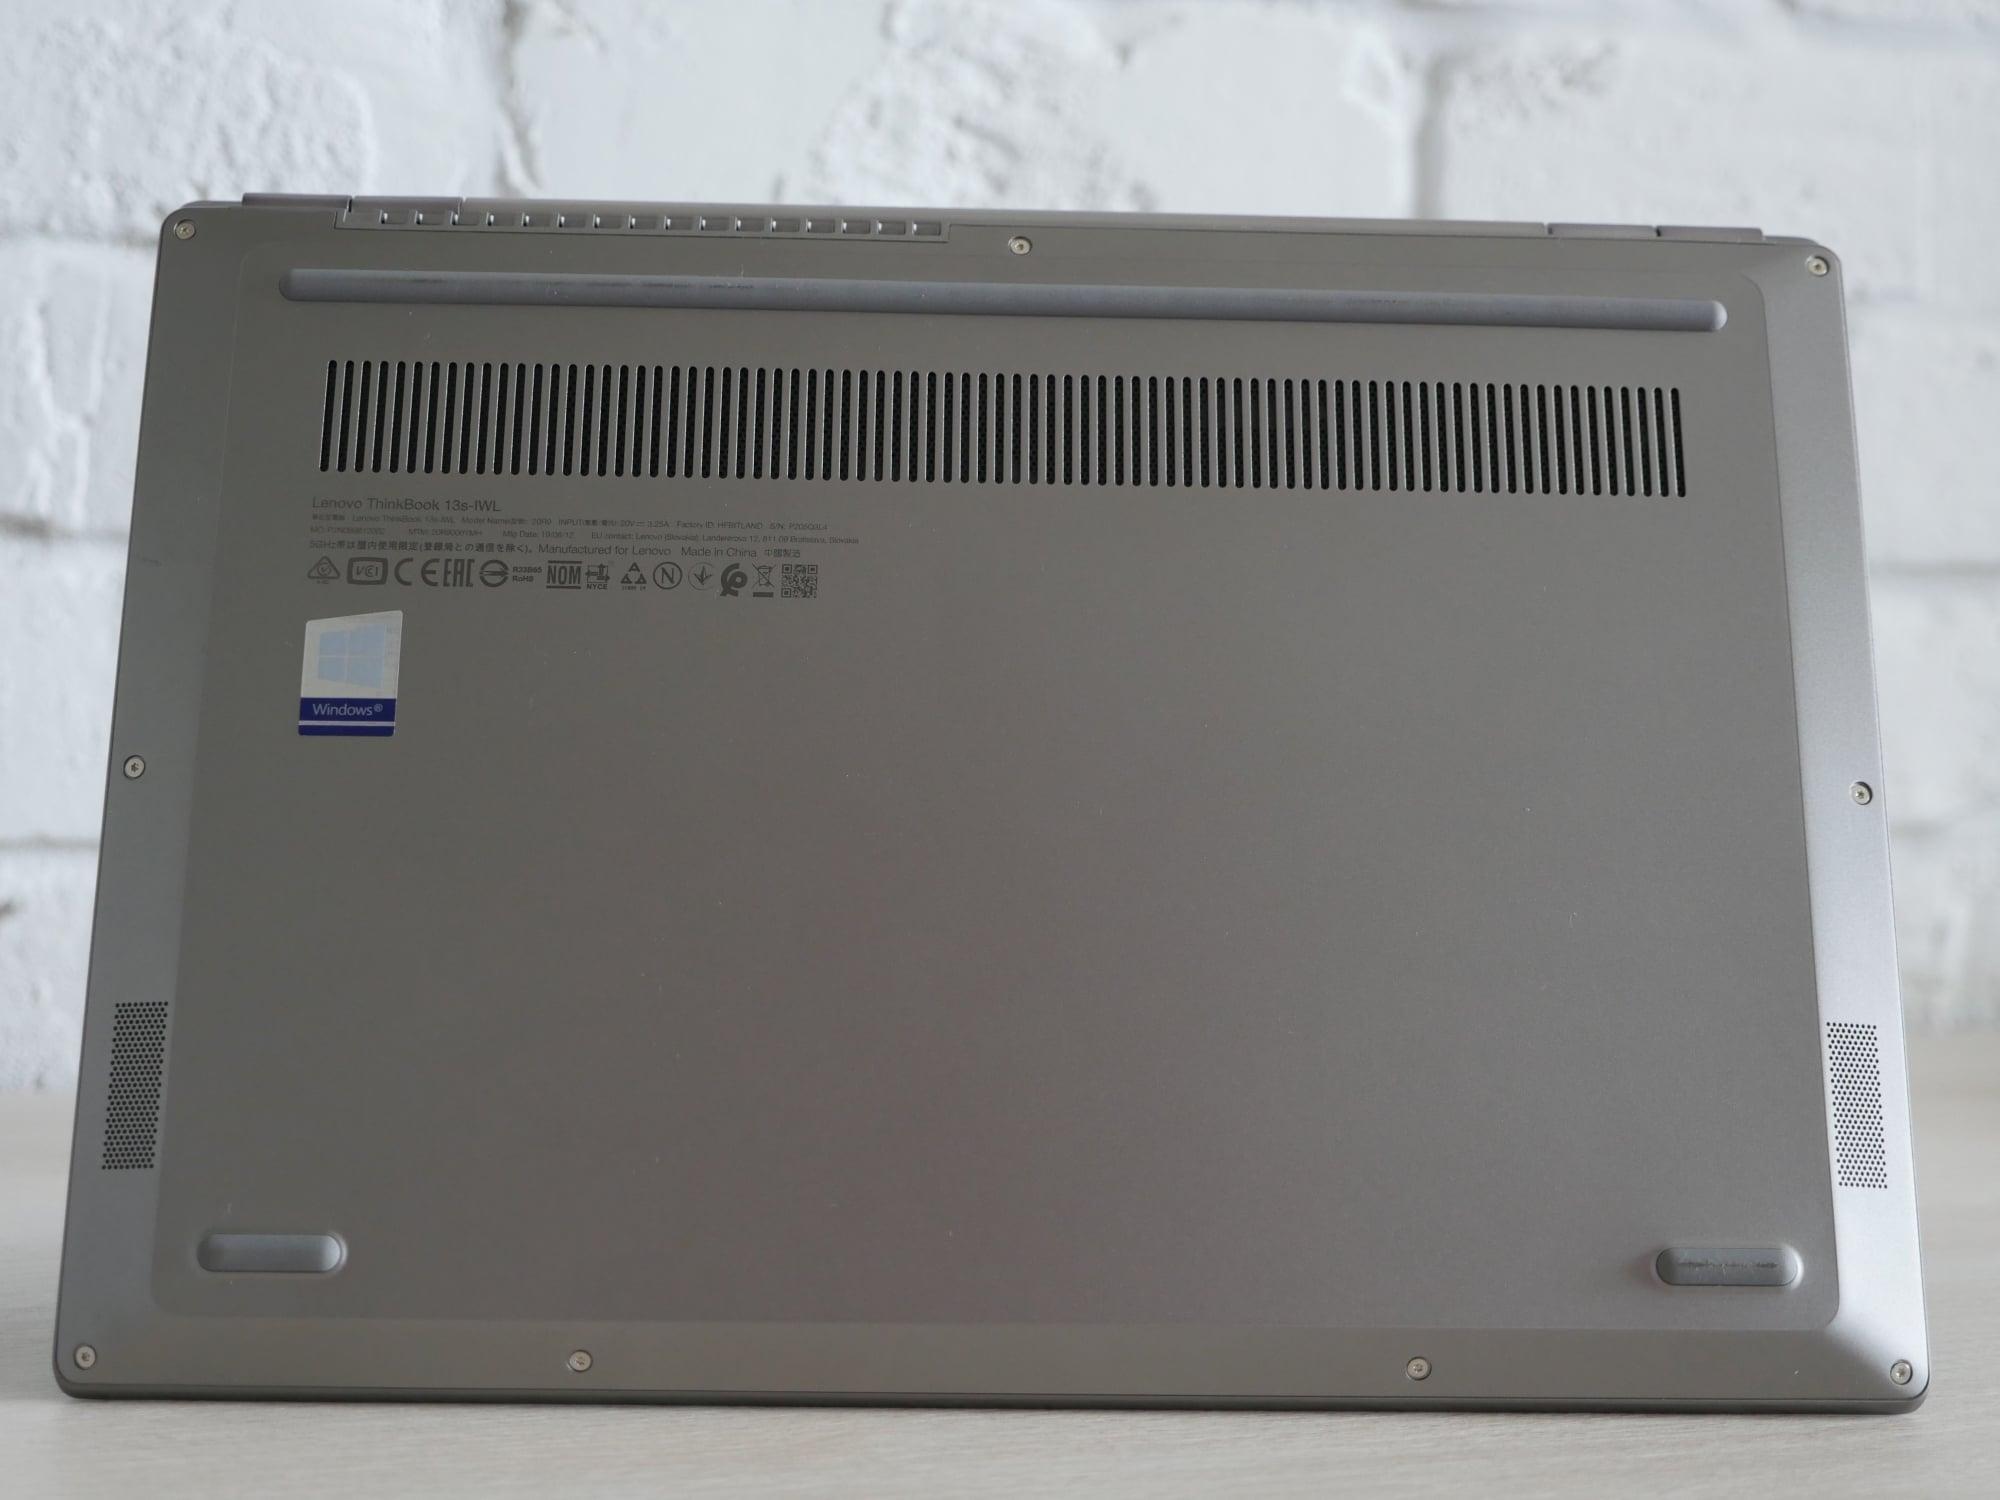 Recenzja ciekawego laptopa za niezłe pieniądze - Lenovo ThinkBook 13s 60